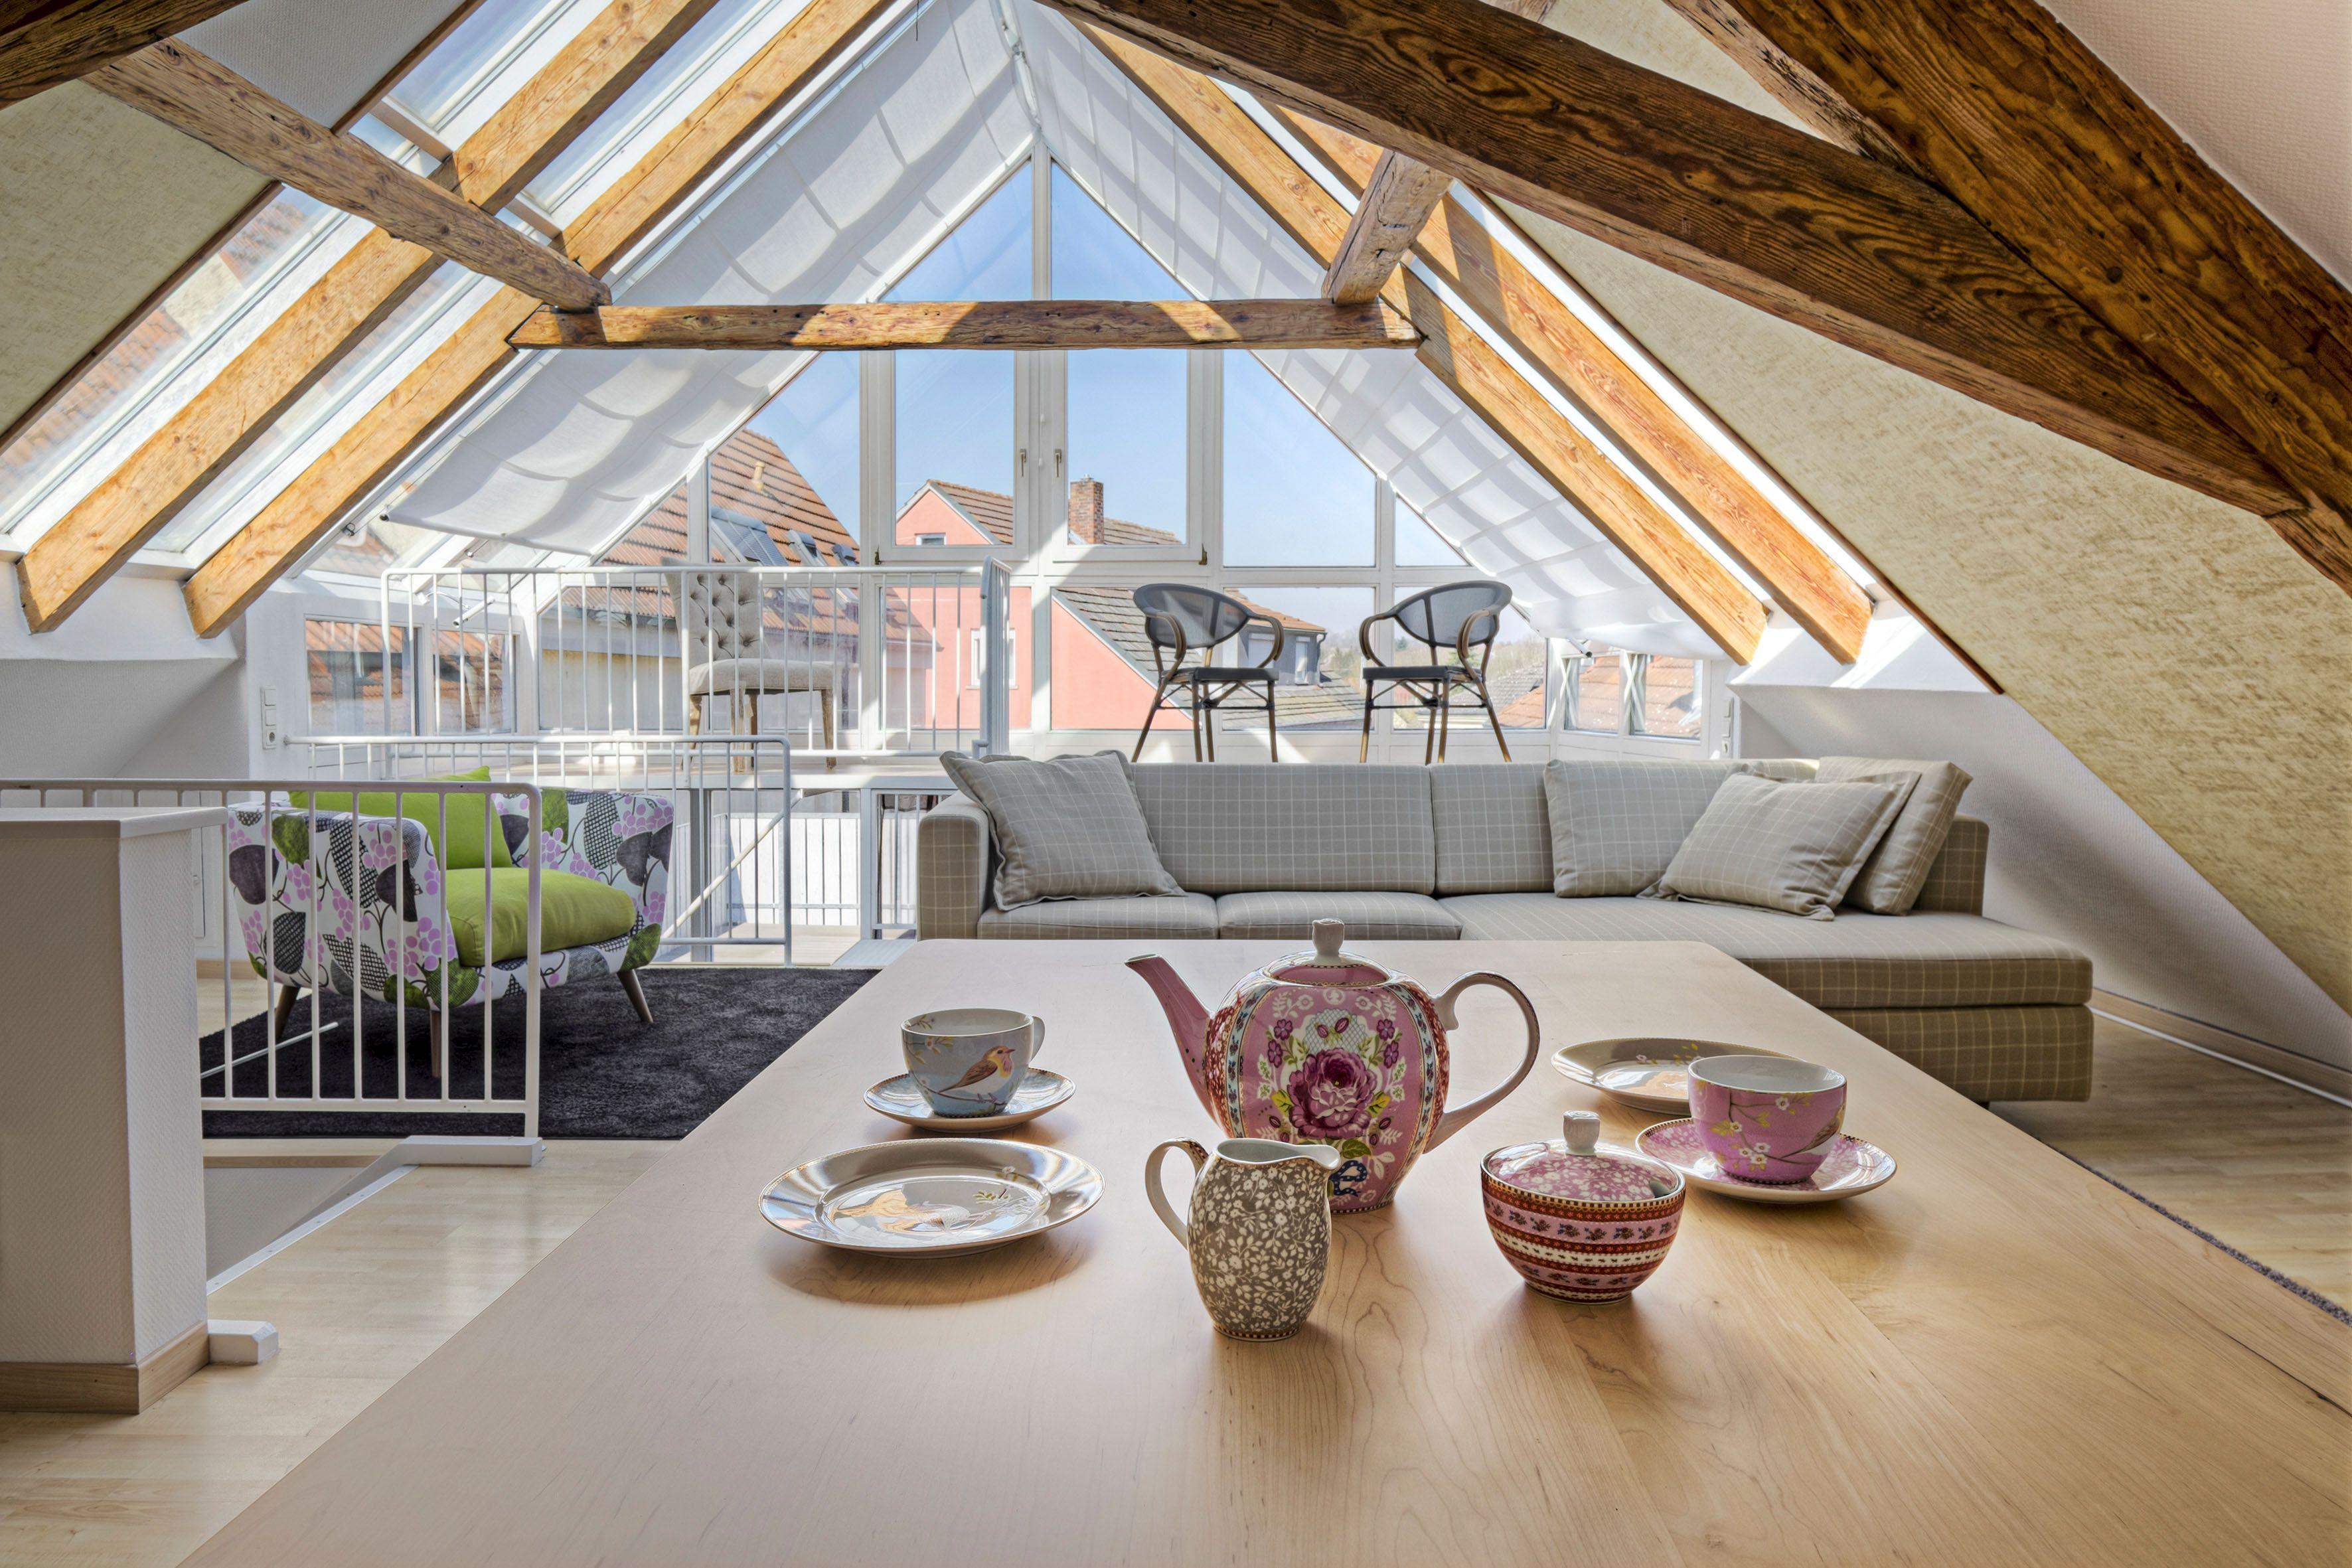 Ungenutzte Dachgeschosse lassen sich häufig in wertvollen und attraktiven Wohnraum verwandeln. Gefragt ist dafür eine durchdachte Planung durch erfahrene Fachhandwerker. Foto: djd/Gesamtverband Deutscher Holzhandel/Himmelswiese - stock.adobe.com